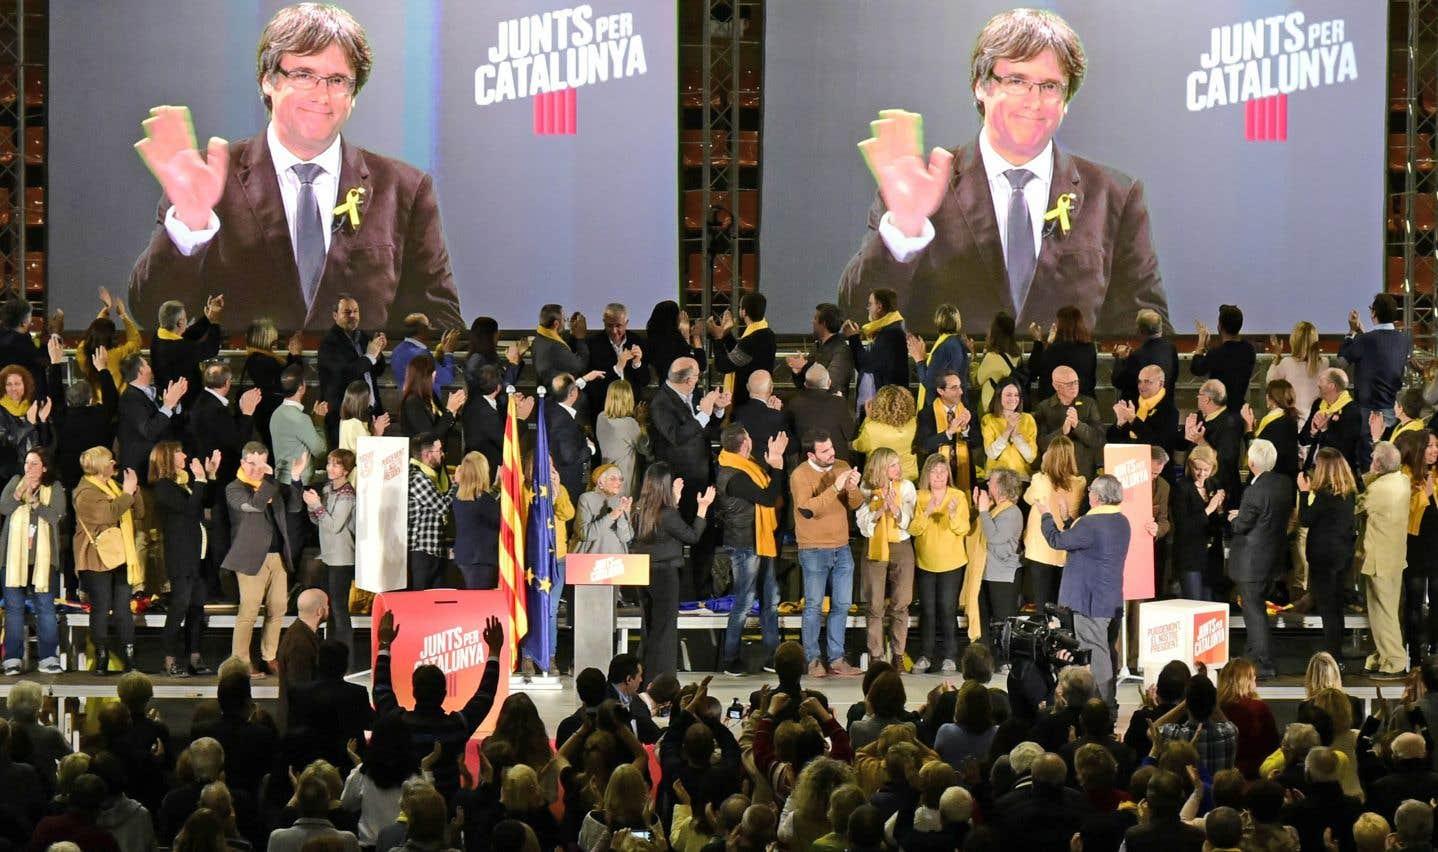 L'ancien président de la Catalogne, Carles Puigdemont, fait campagne depuis Bruxelles où il a trouvé refuge.